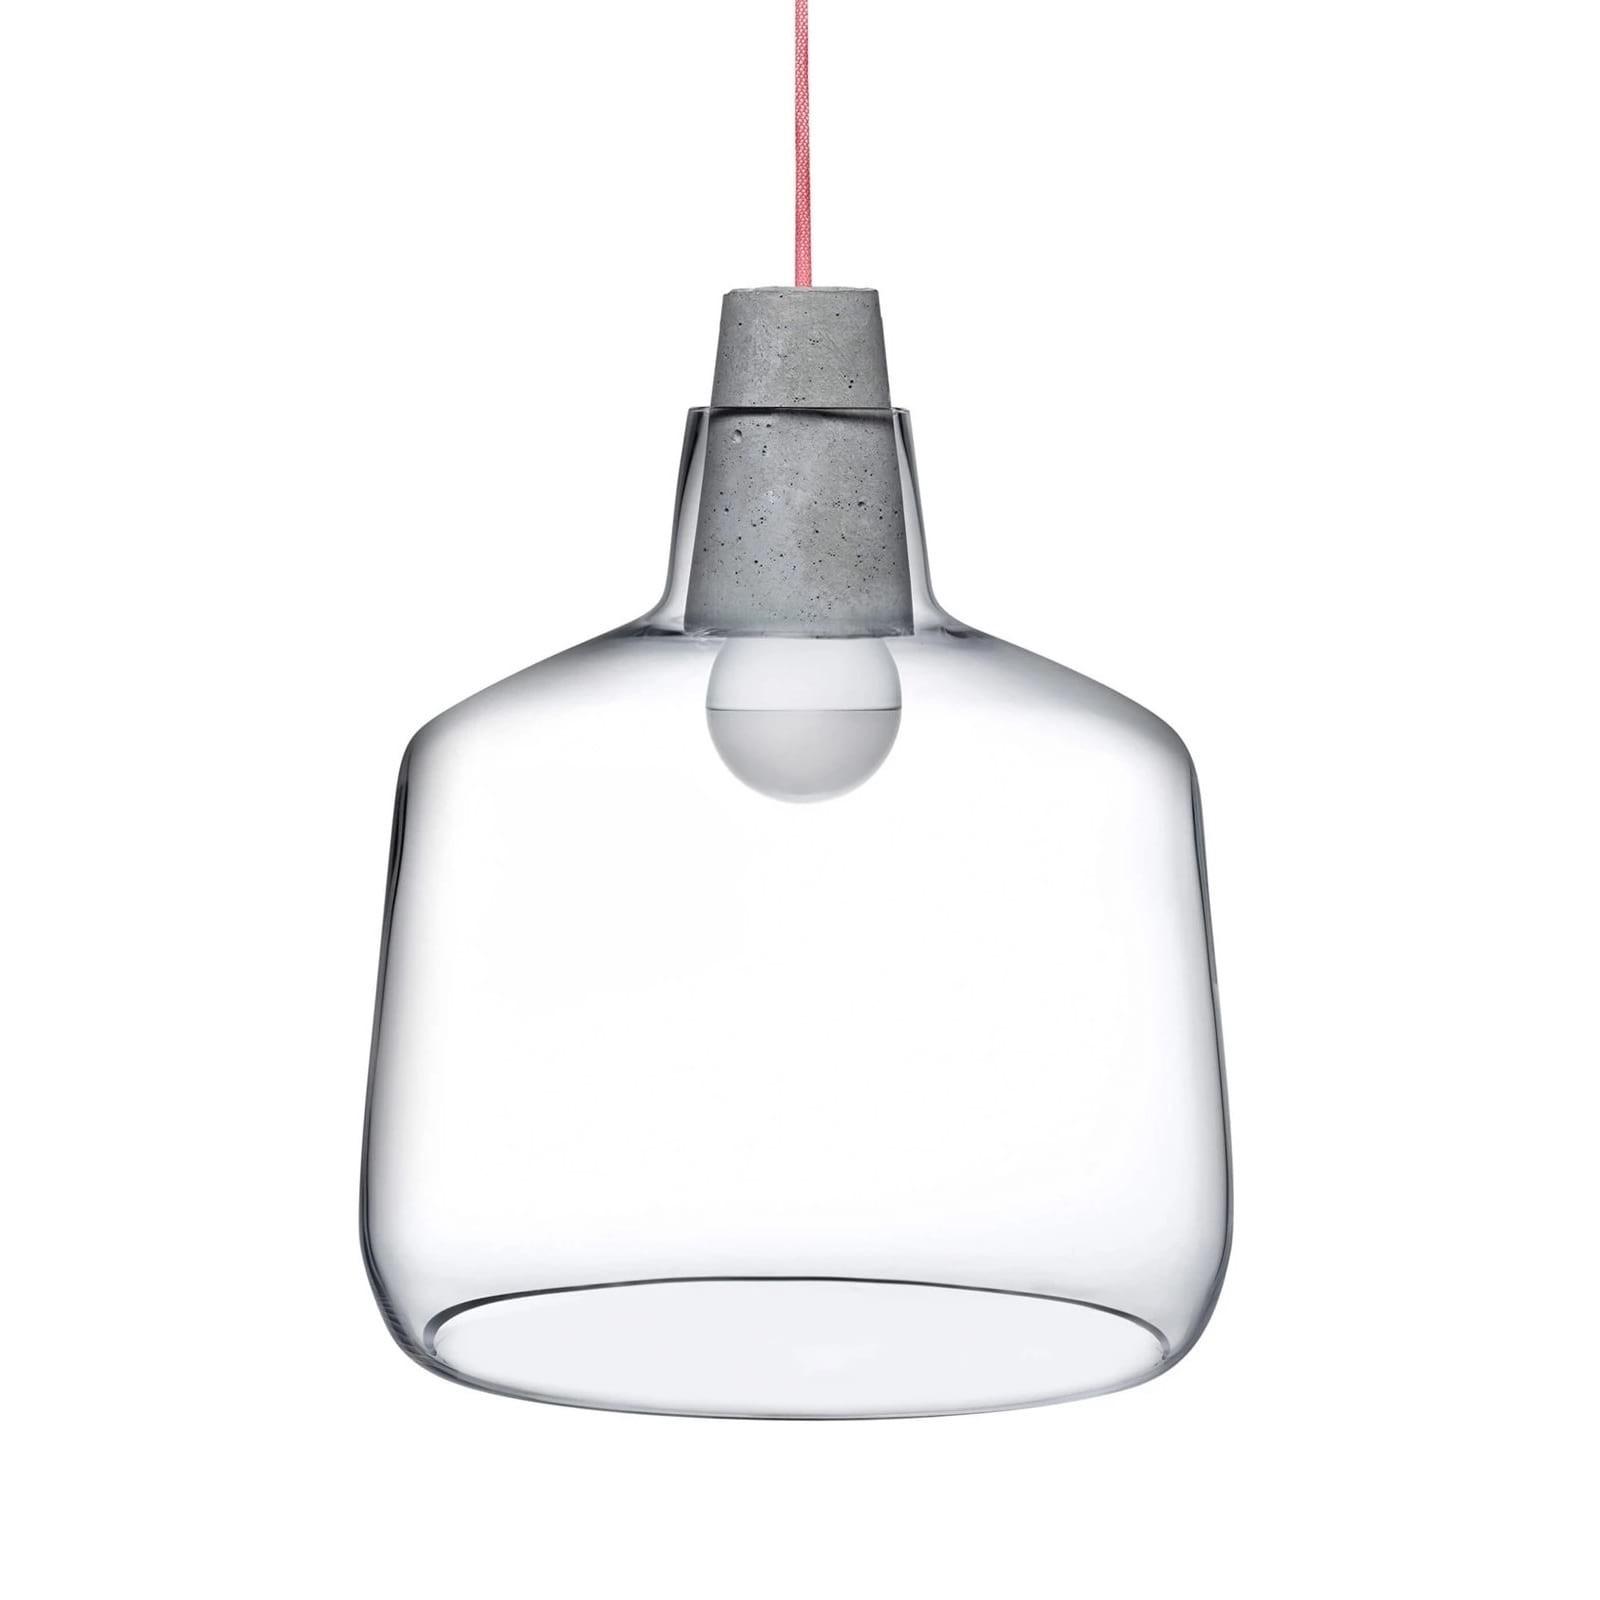 Κρυστάλλινο Φωτιστικό Οροφής MONO 30,4 εκ. (Διάφανο / Τσιμέντο) - Nude Glass